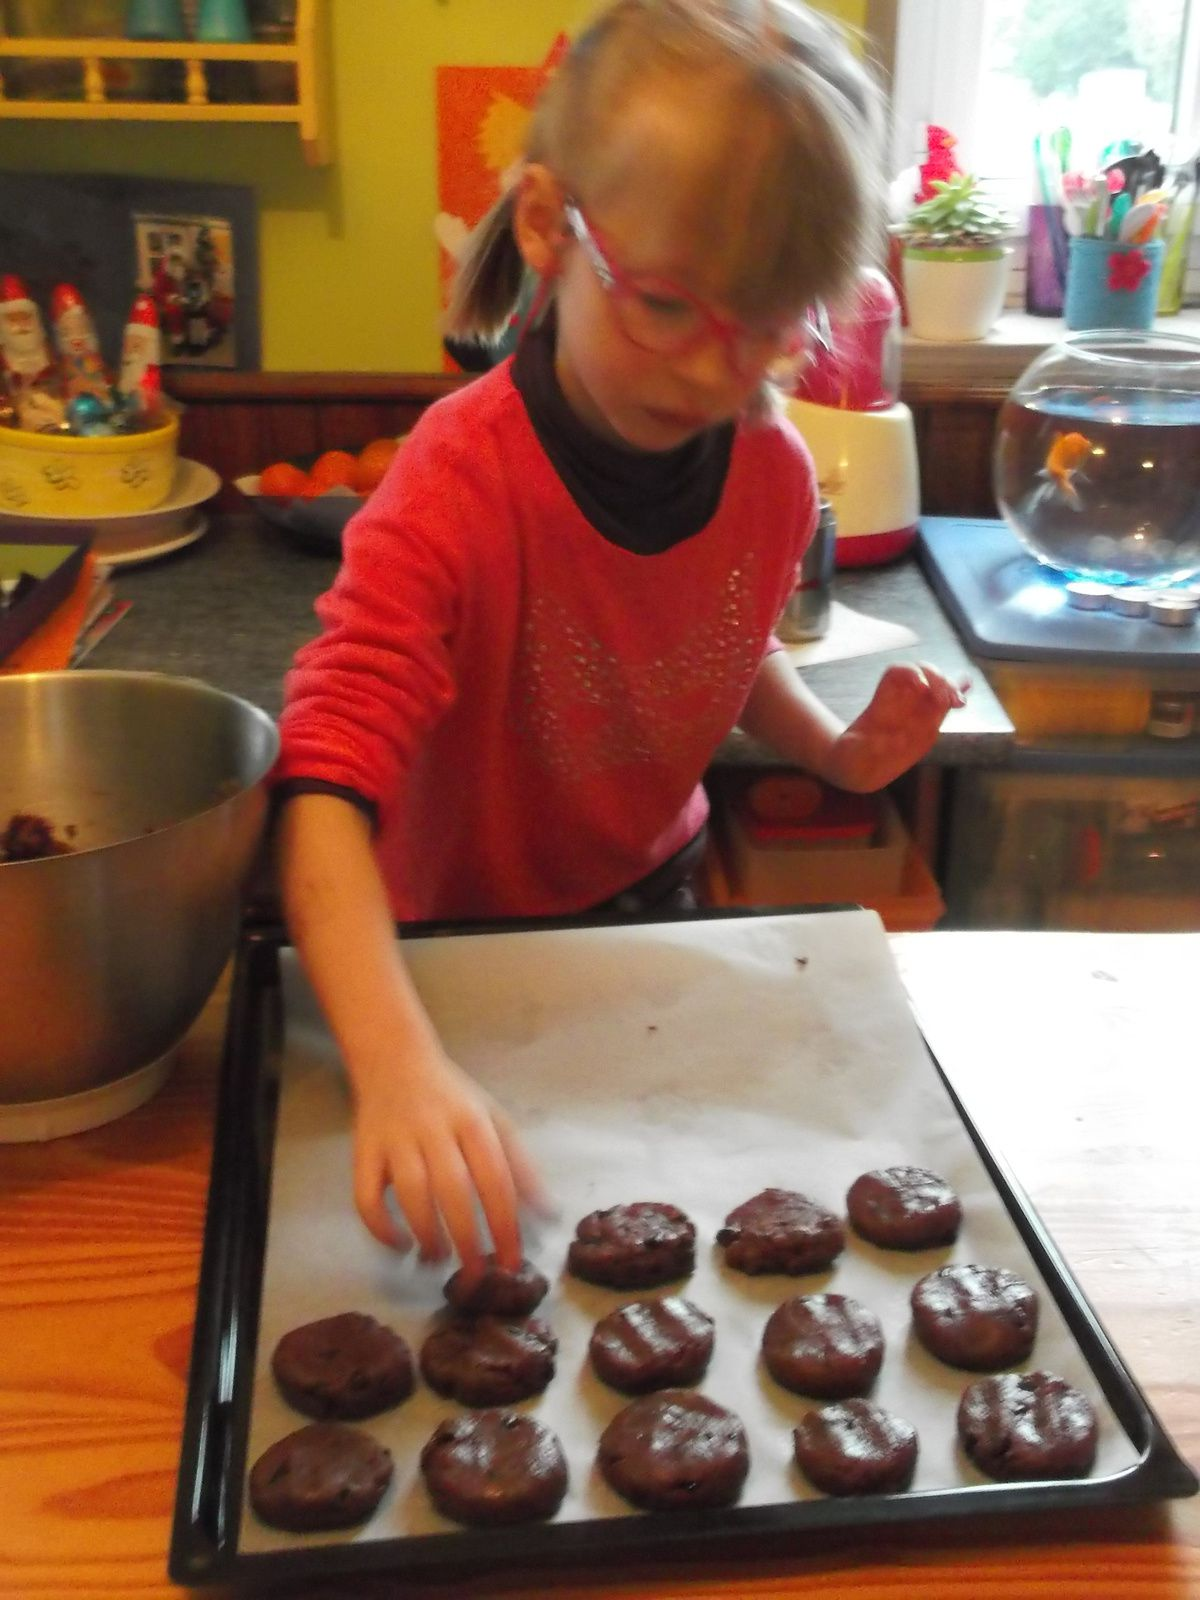 fabrication de cookies et de meringues